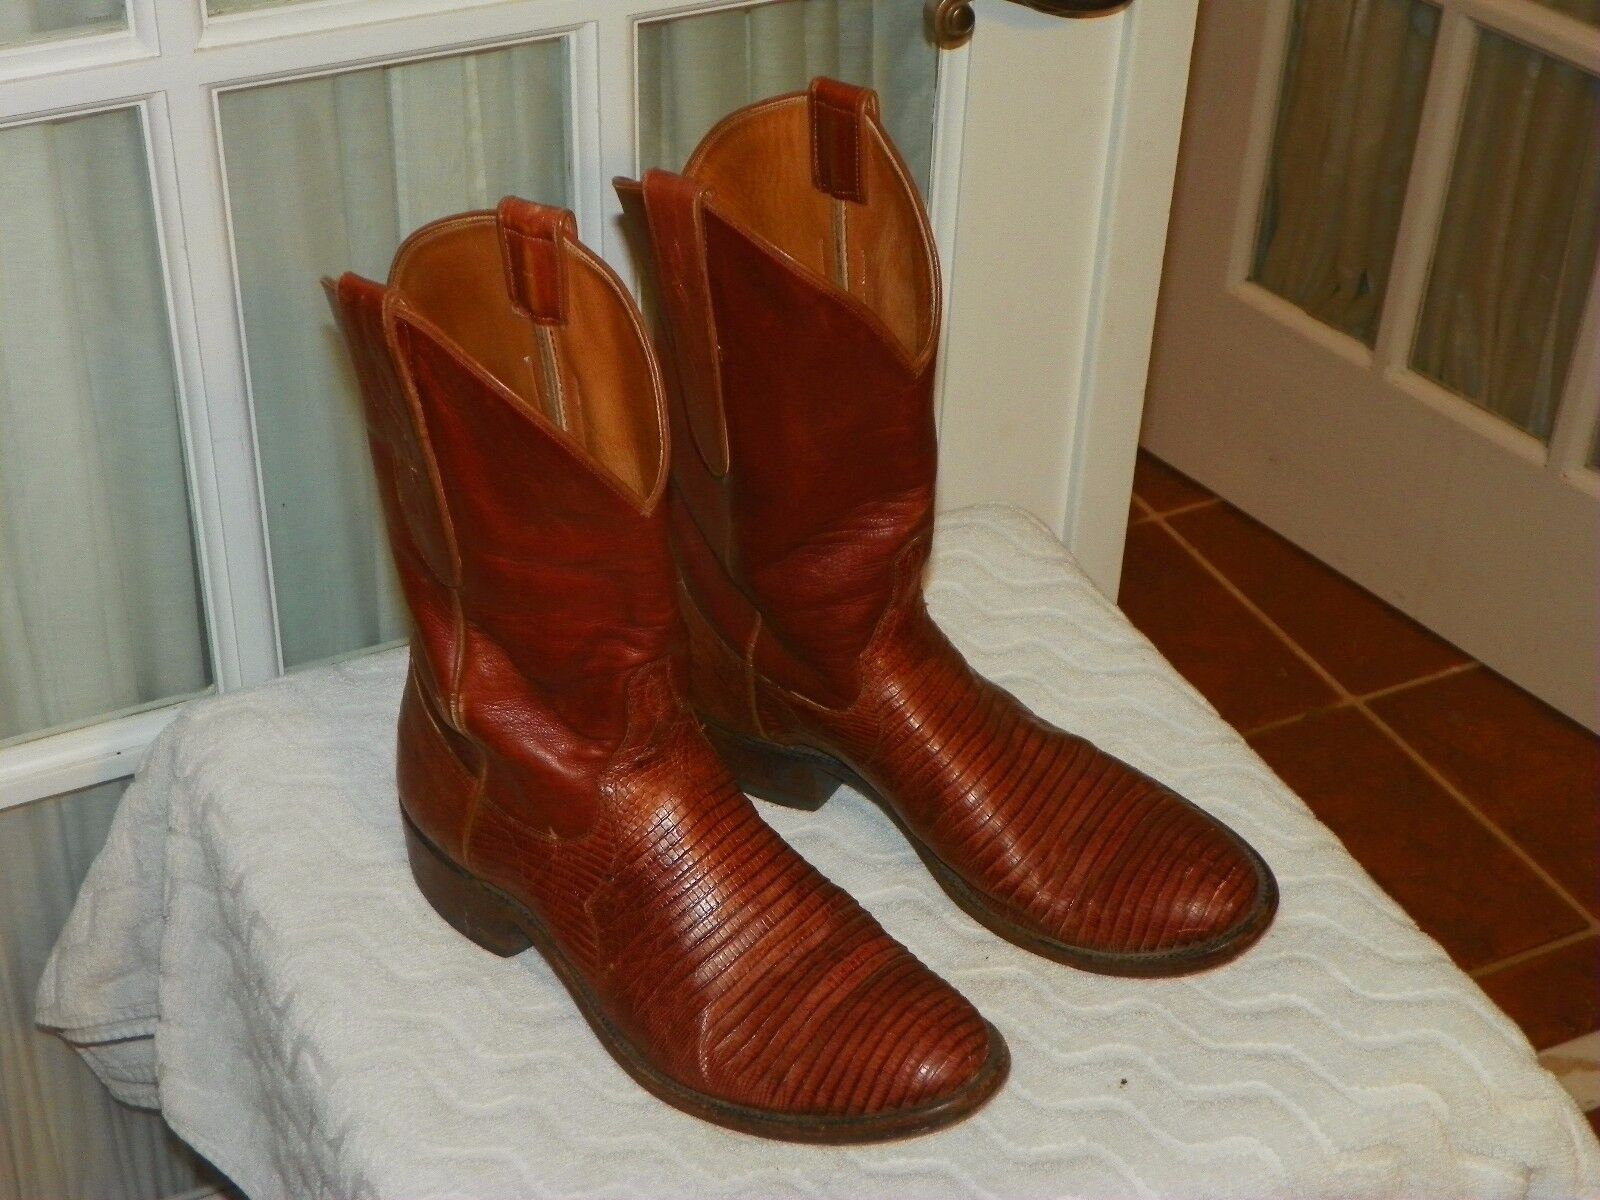 1980s Colt botamakers Marrón Lagarto vaquero occidental botas MENS TAMAÑO D 8.5 hecho en Estados Unidos